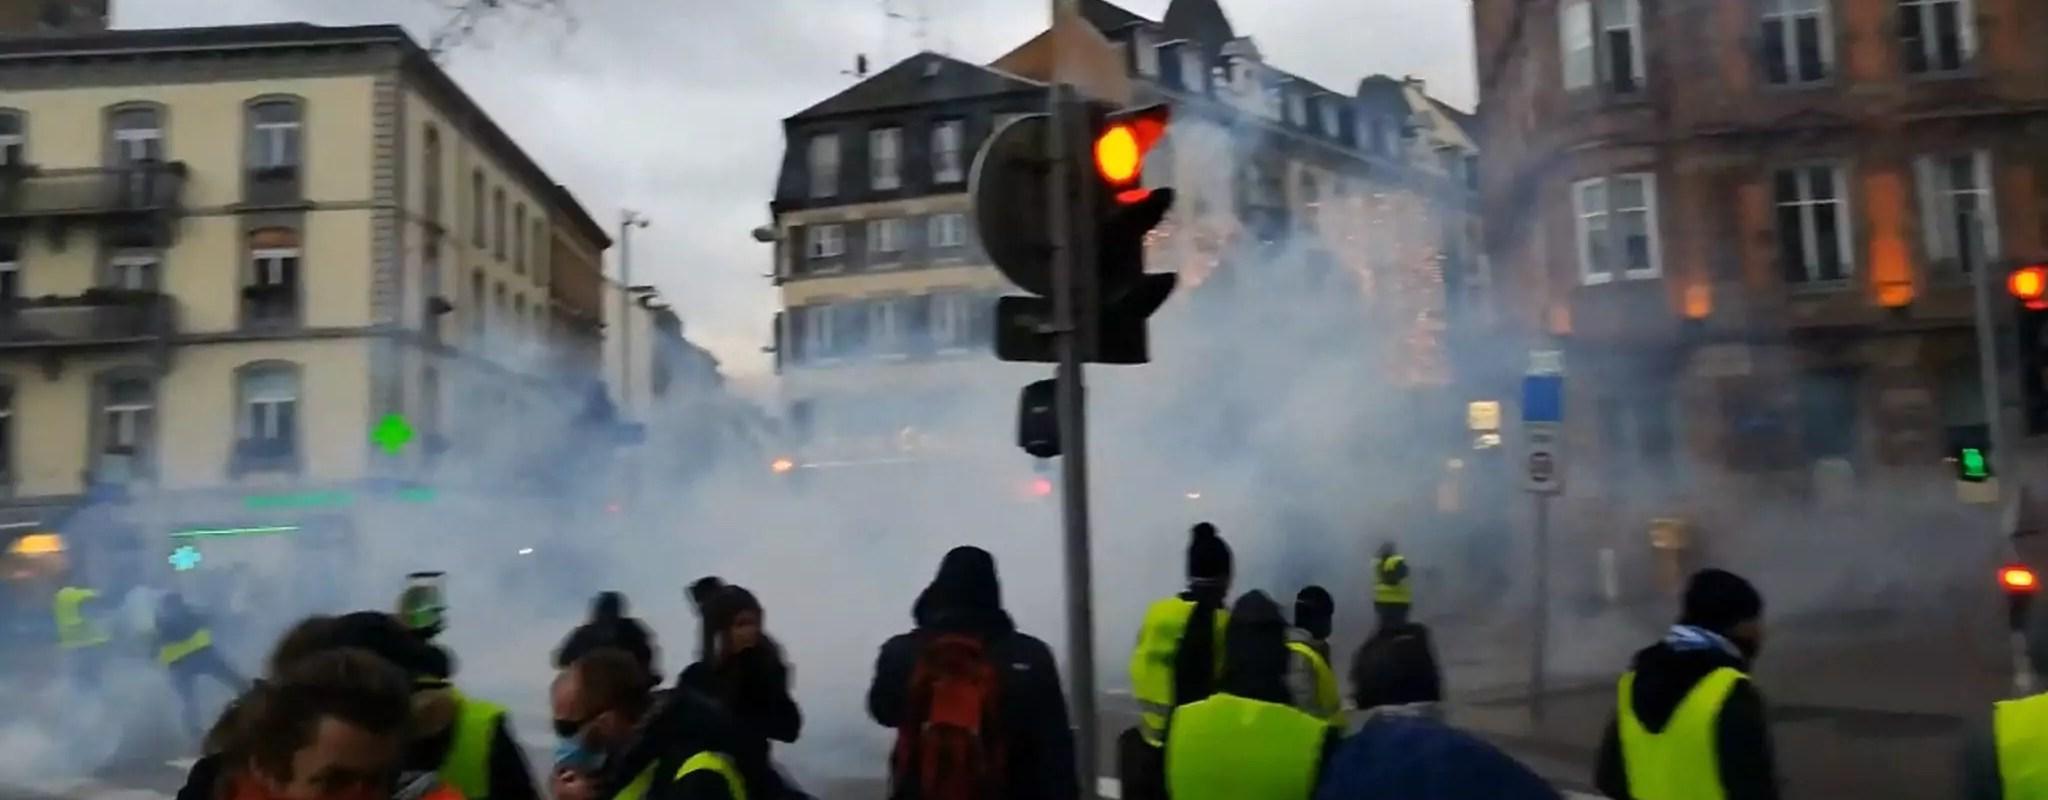 Blessés de l'Acte IX des Gilets jaunes à Strasbourg: de nouvelles vidéos